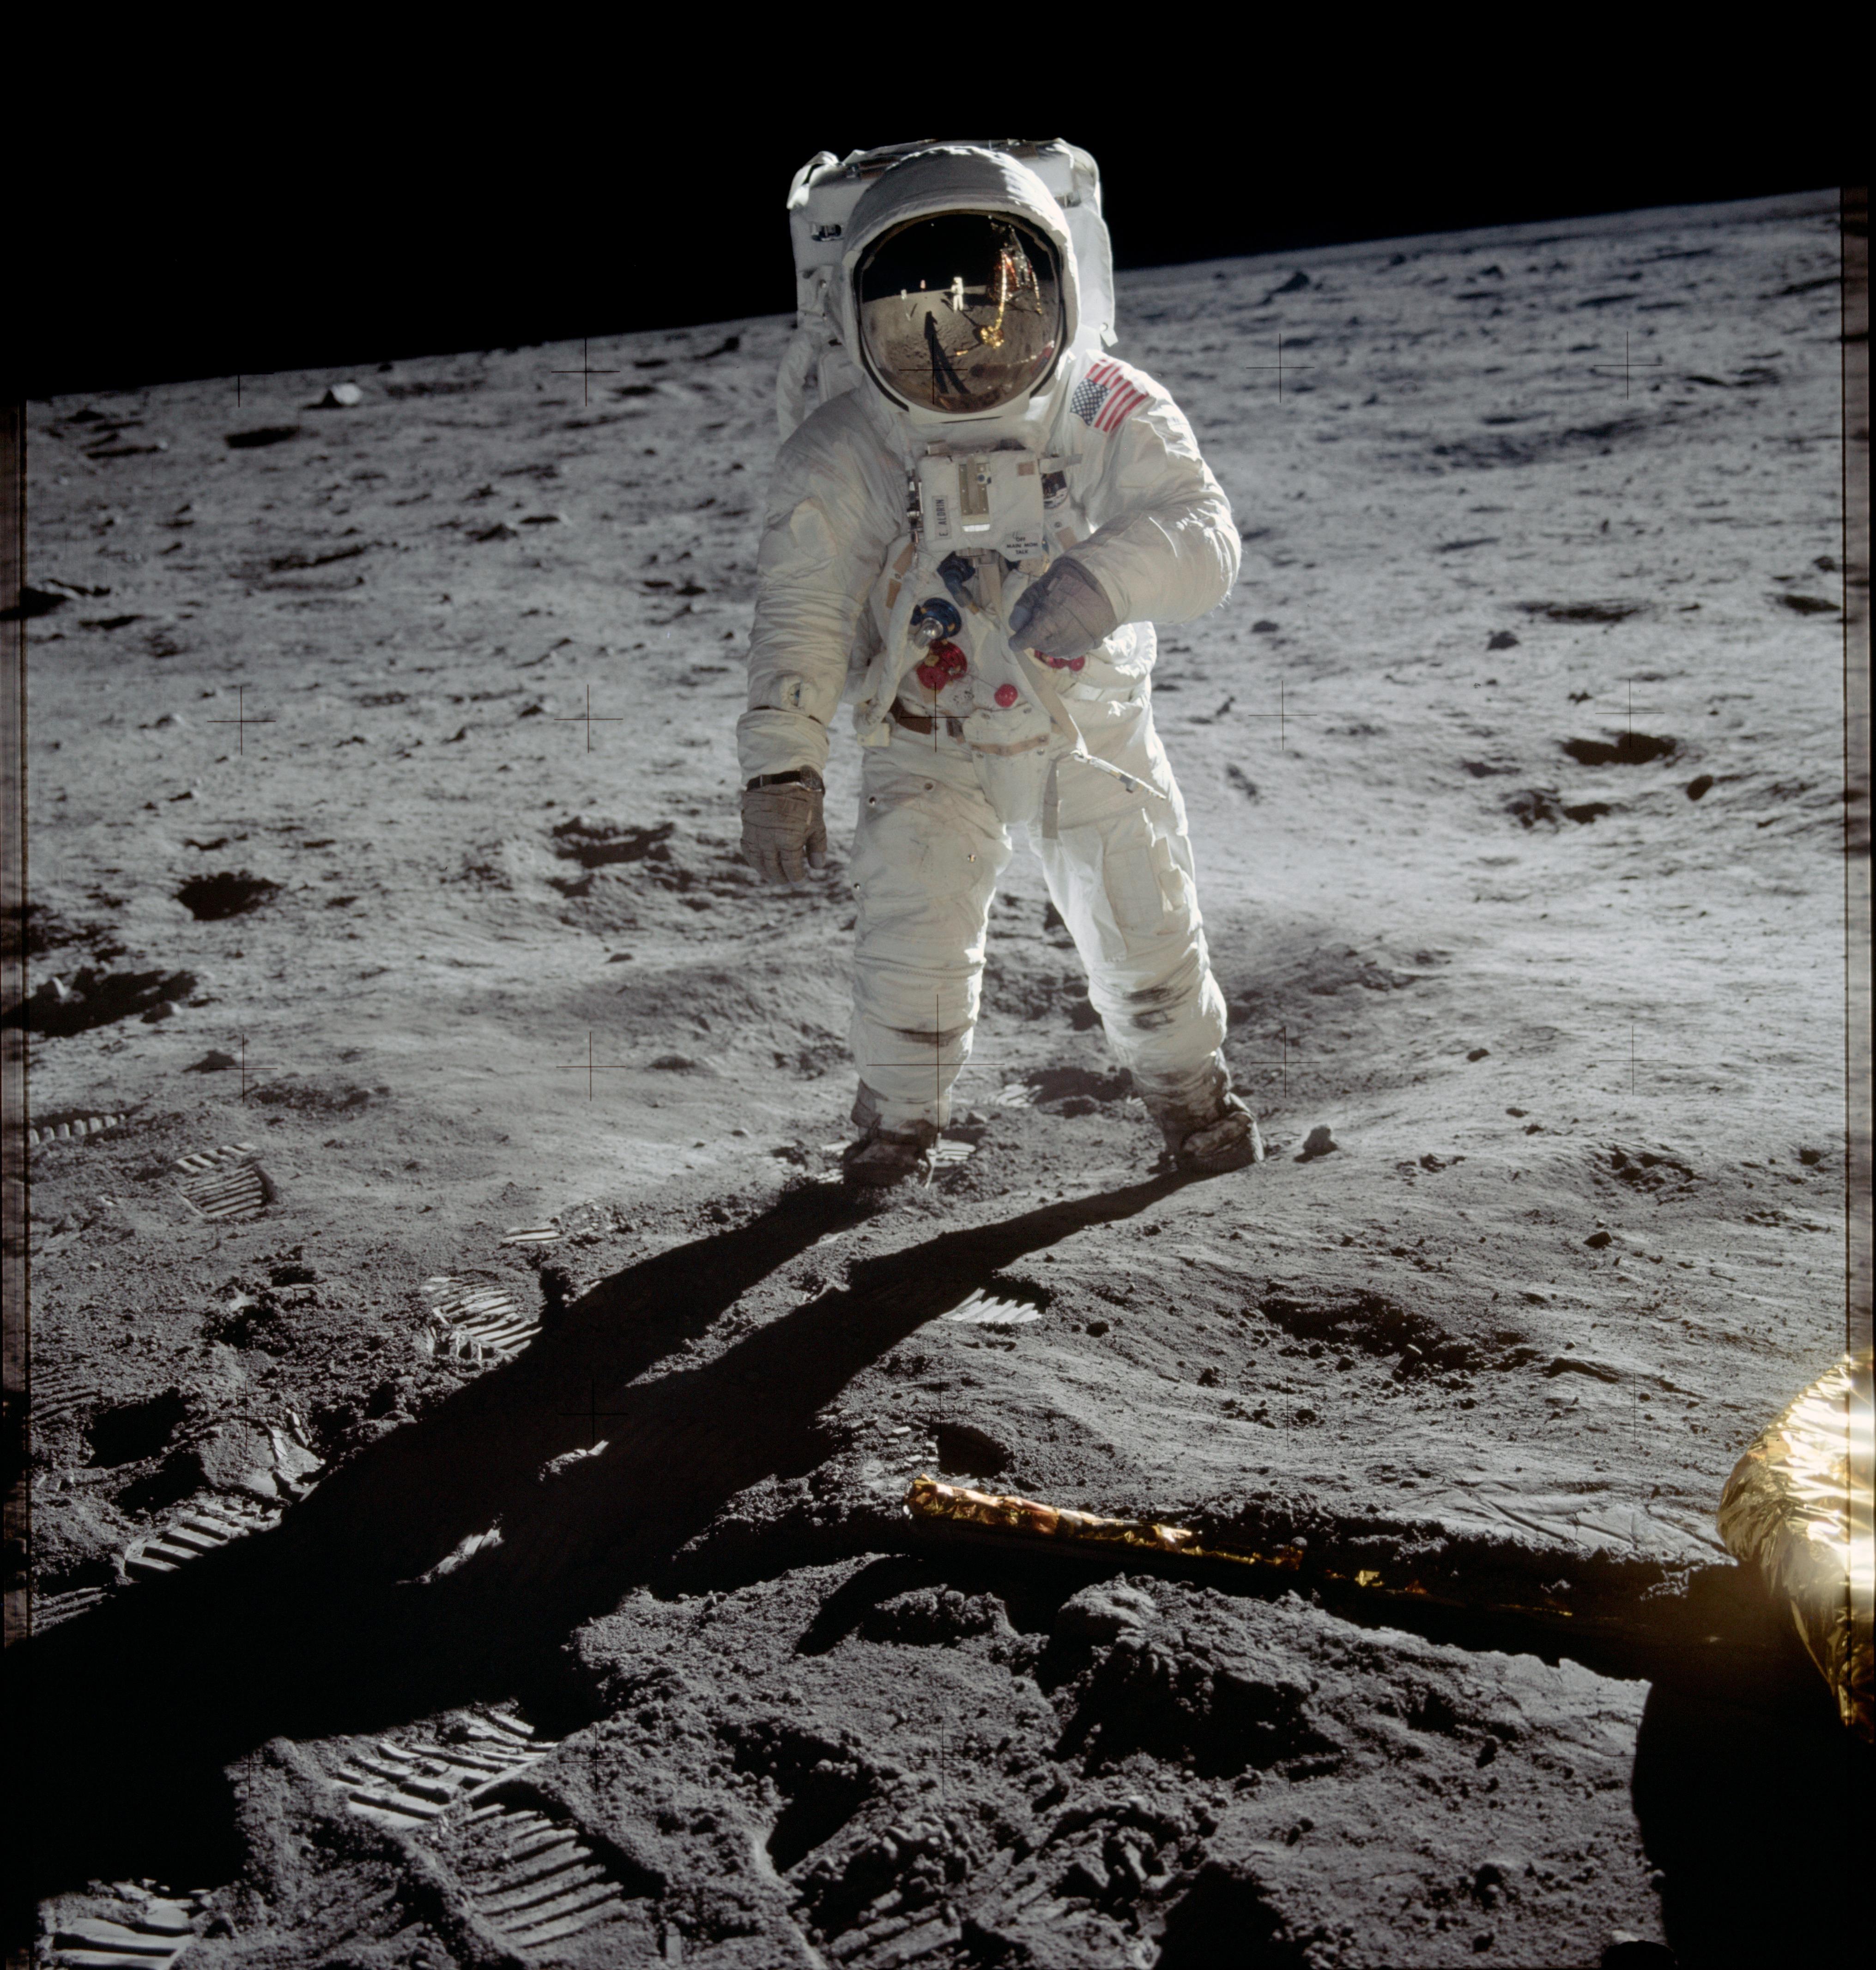 Buzz Aldrin läuft während der Apollo 11 Mission auf dem Mond